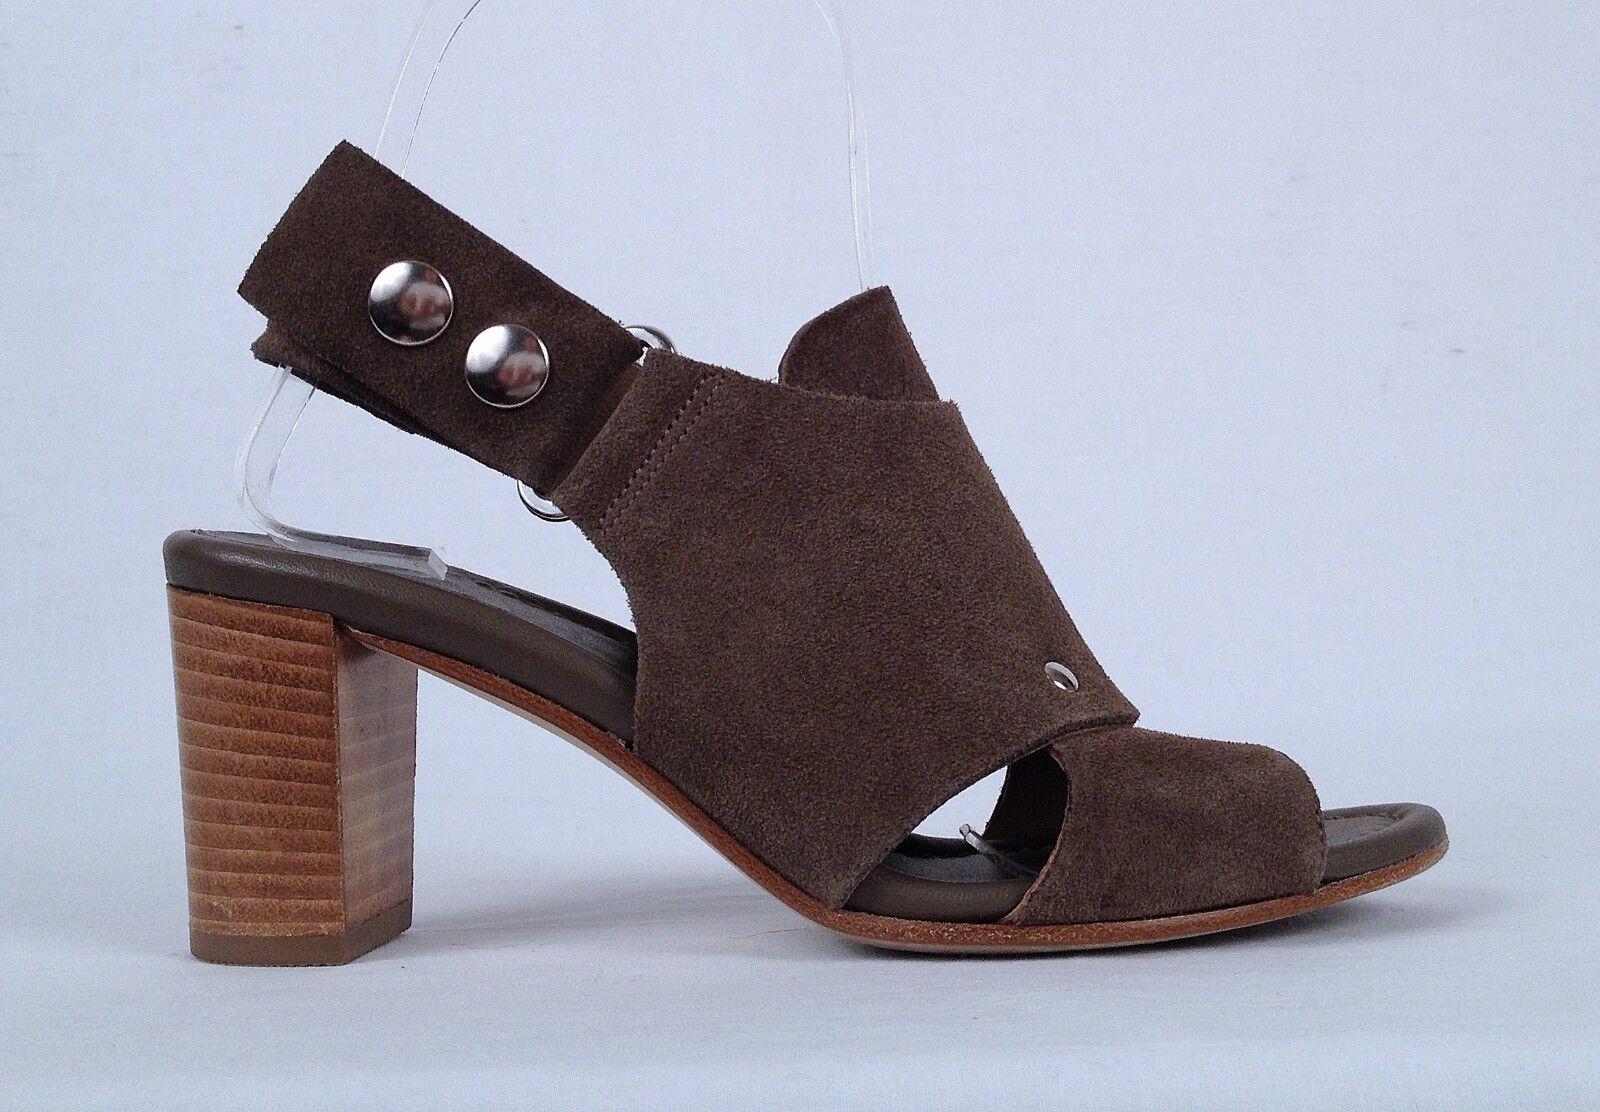 Anyi Lu Moss 'Athena' Sling Back Sandale- Moss Lu Suede - Größe 4.5 US/ 34.5 EU-425-(P19) 06294a